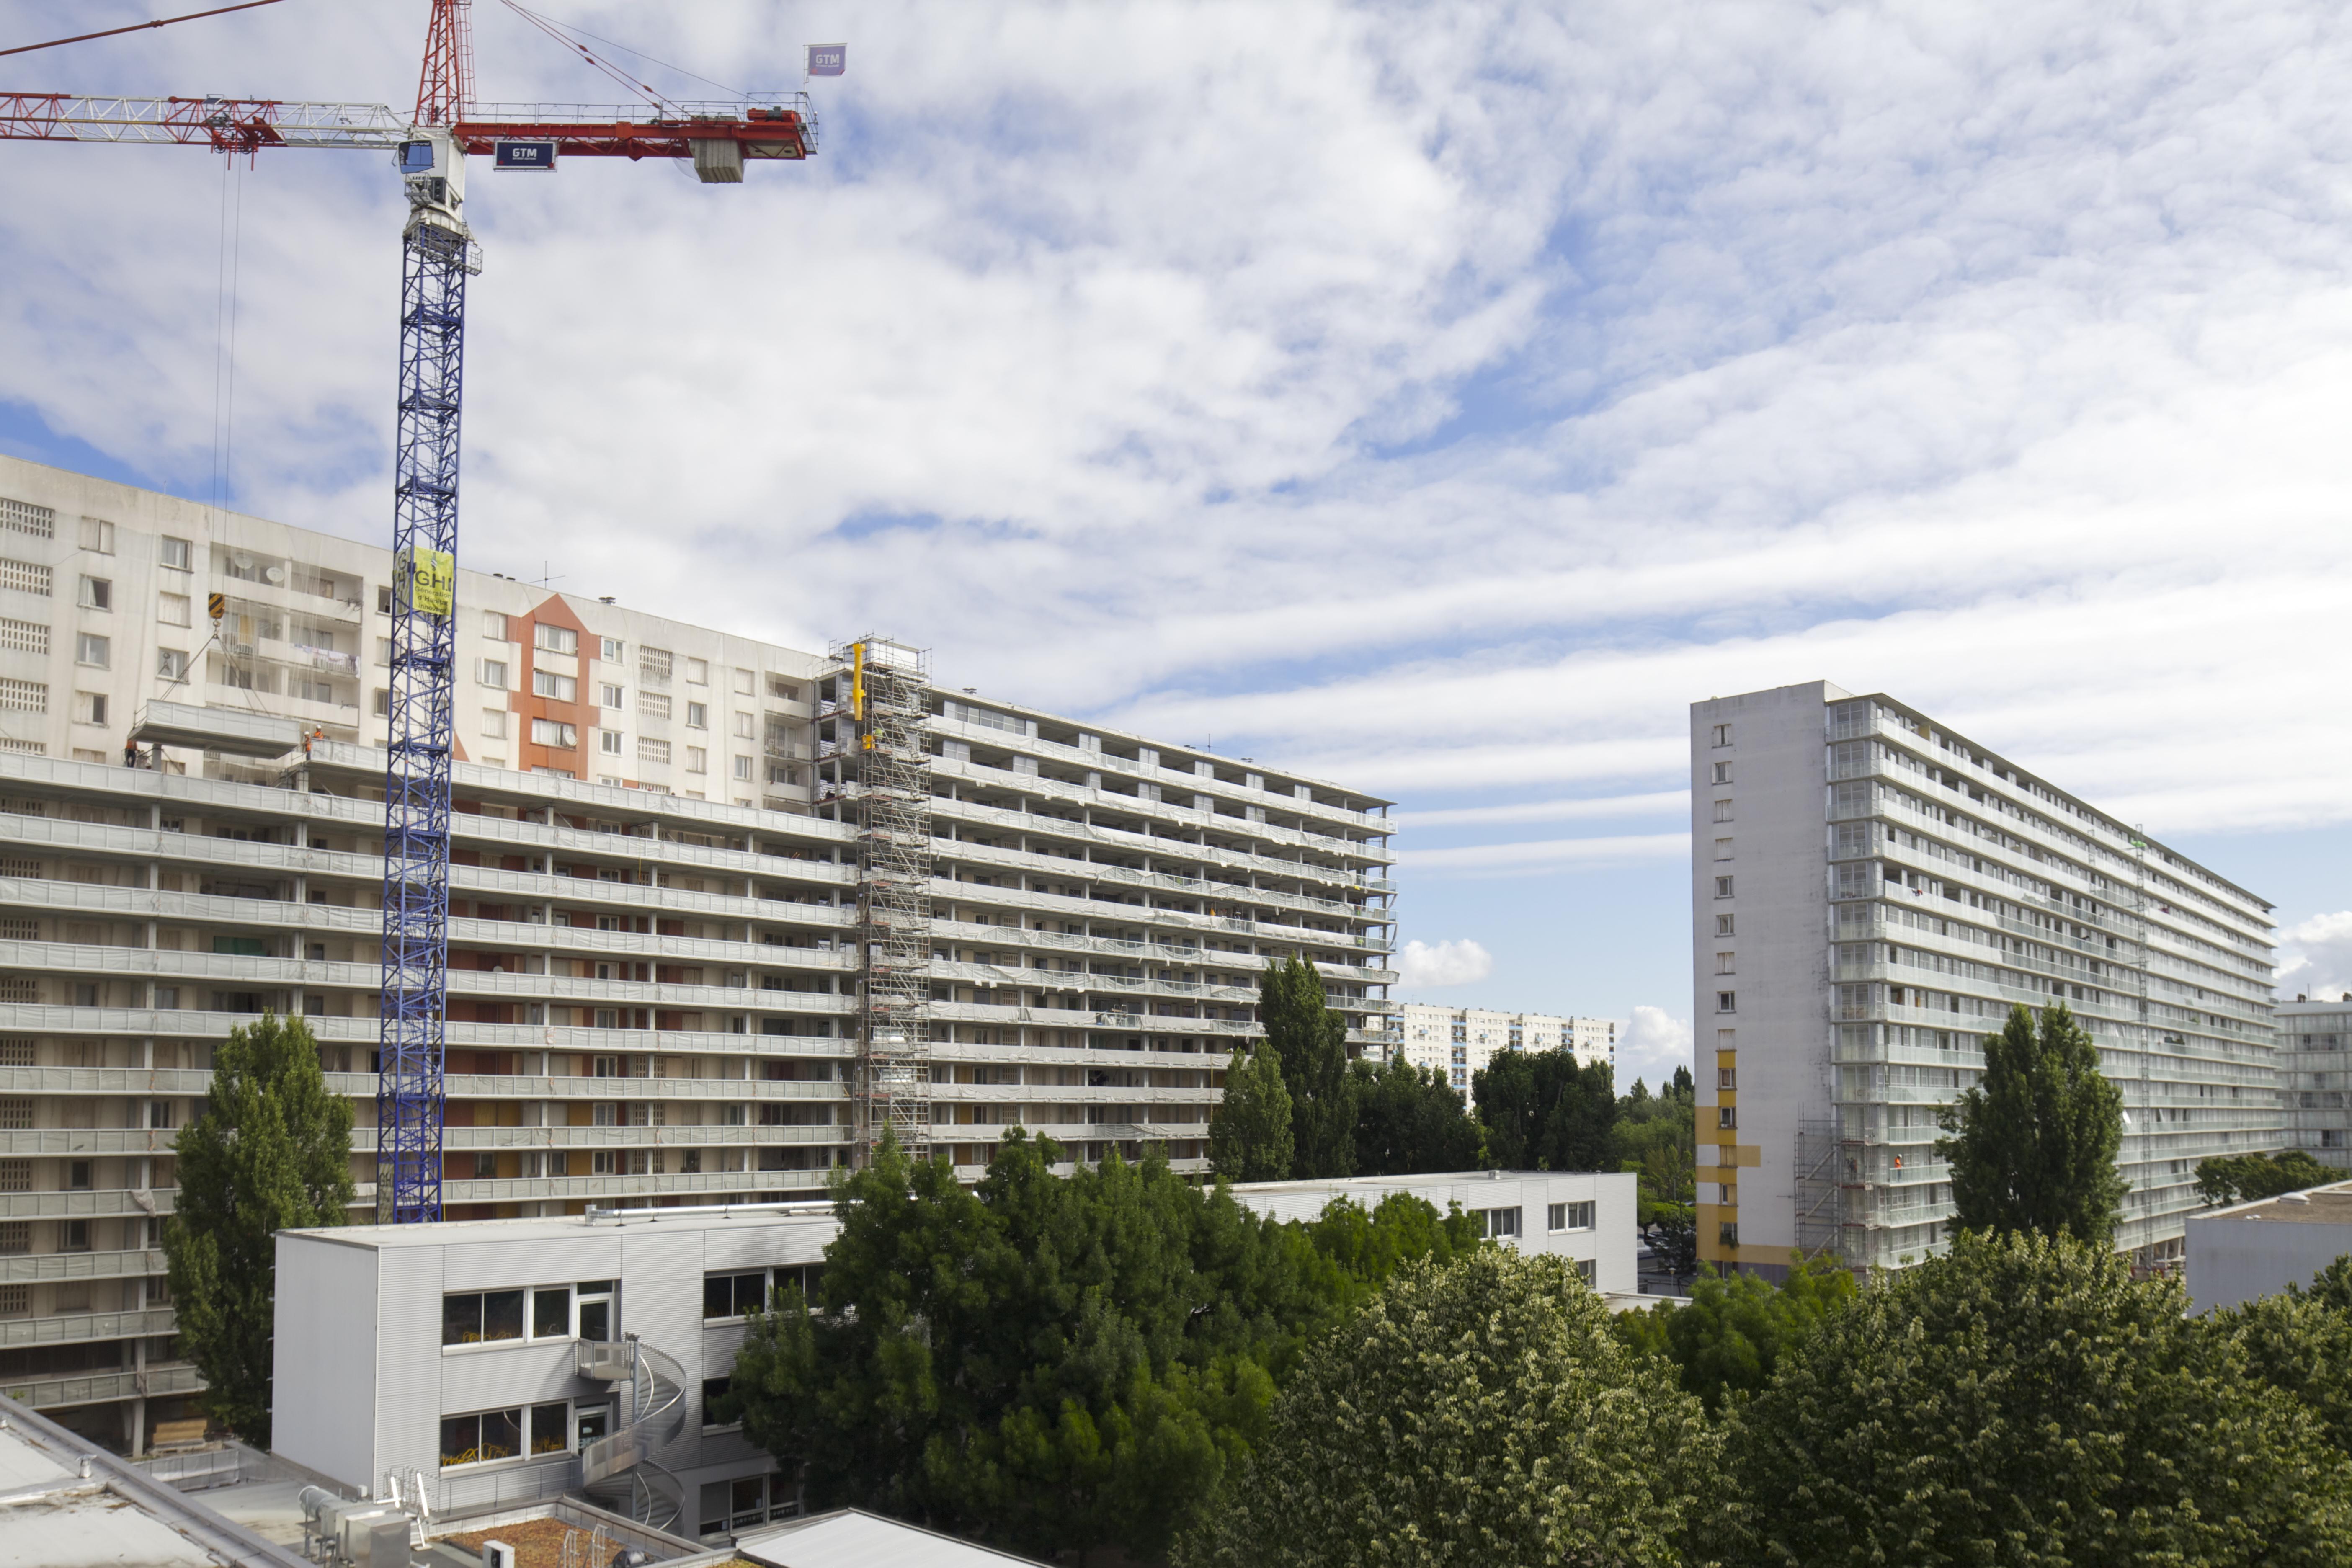 <p>Transformatie van 530 woningen in Grand Parc Bordeaux door Lacaton &#038; Vassal architectes, Frédéric Druot Architecture en Christophe Hutin Architecture, beeld Philippe Ruault</p>